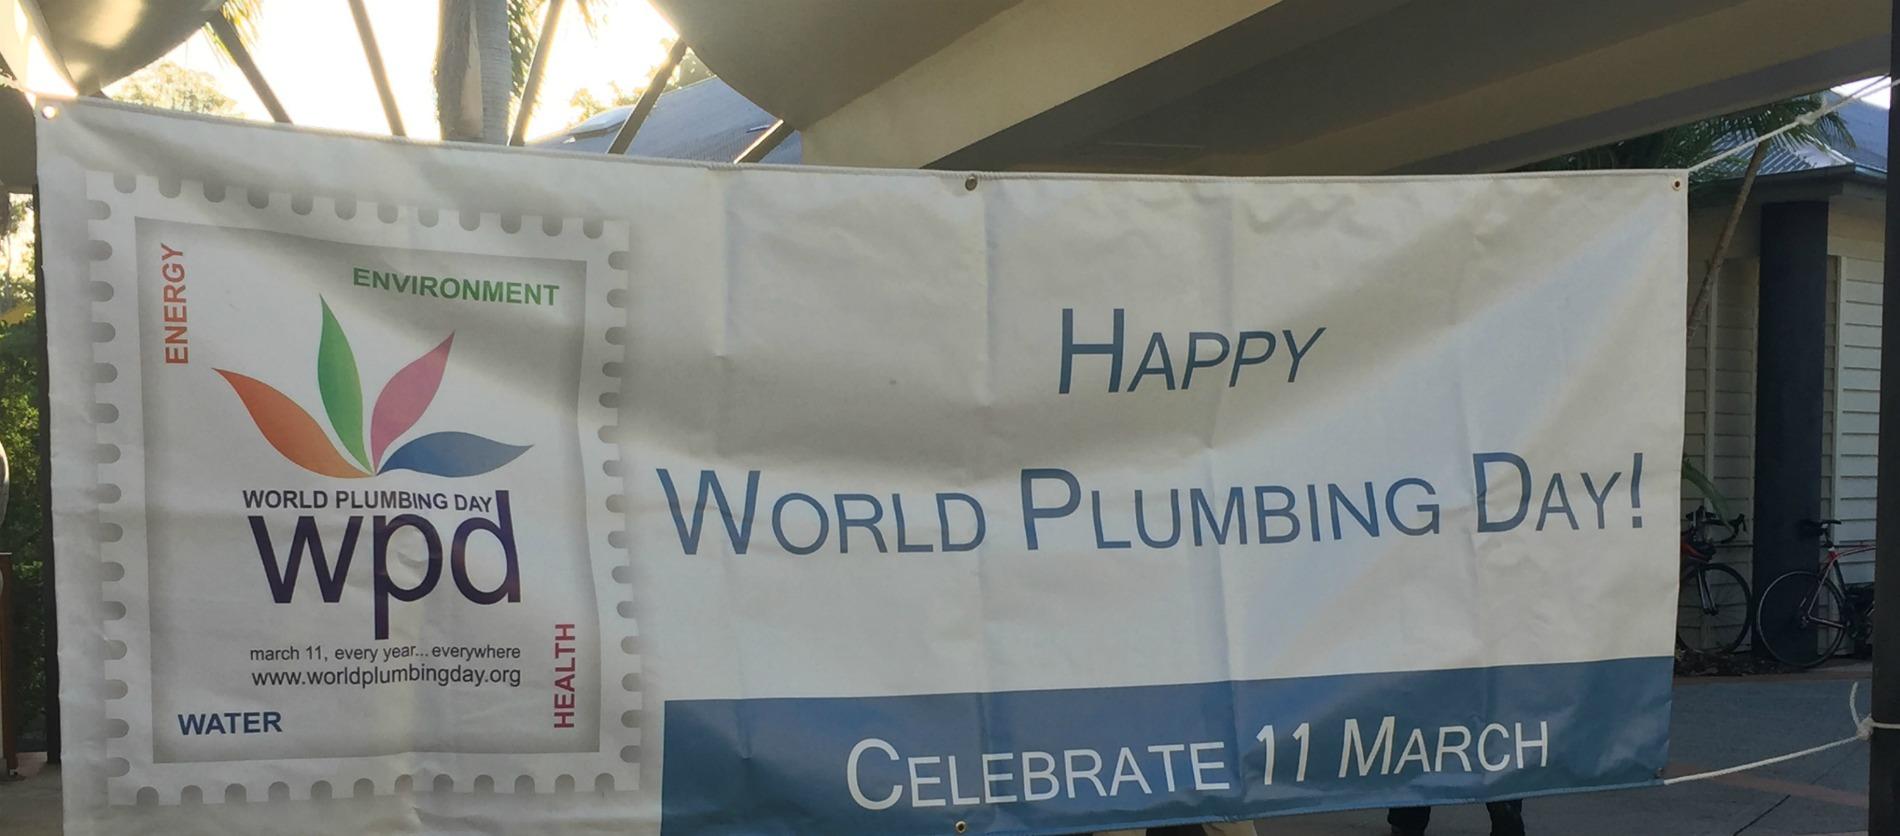 world plumbing day female ambassador for plumbing